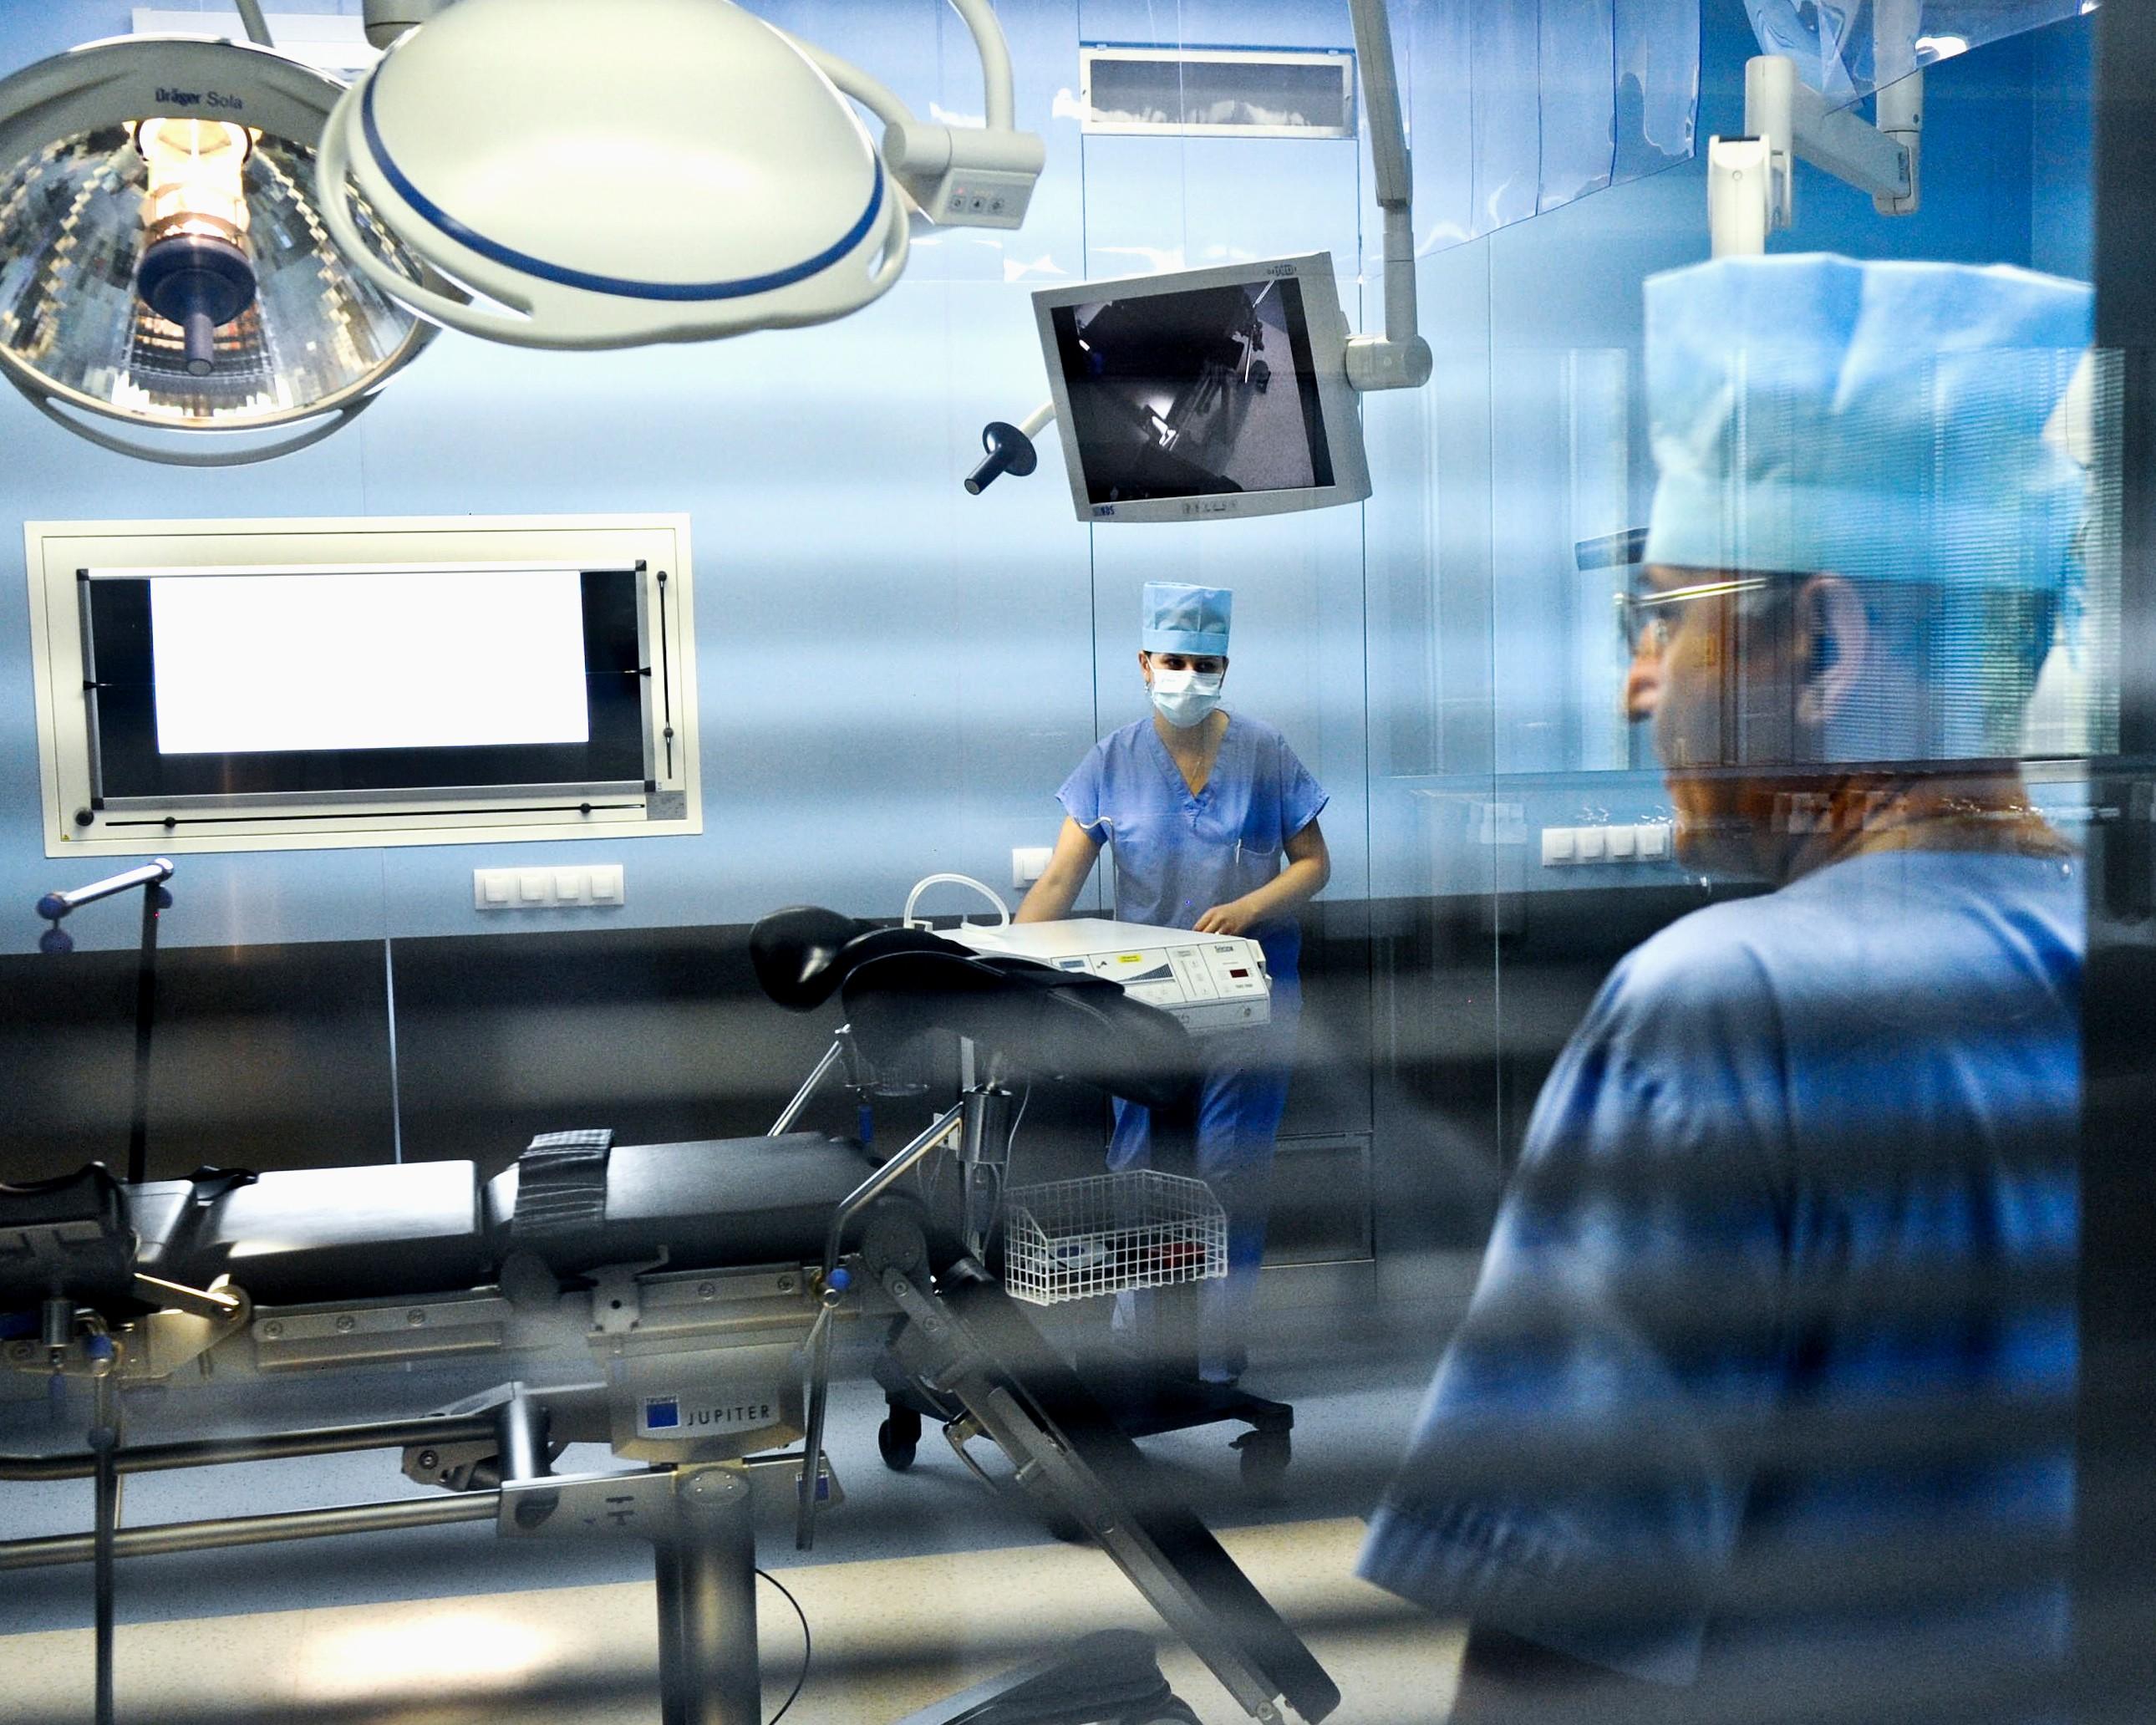 В московских больницах начались сокращения врачей и отделений